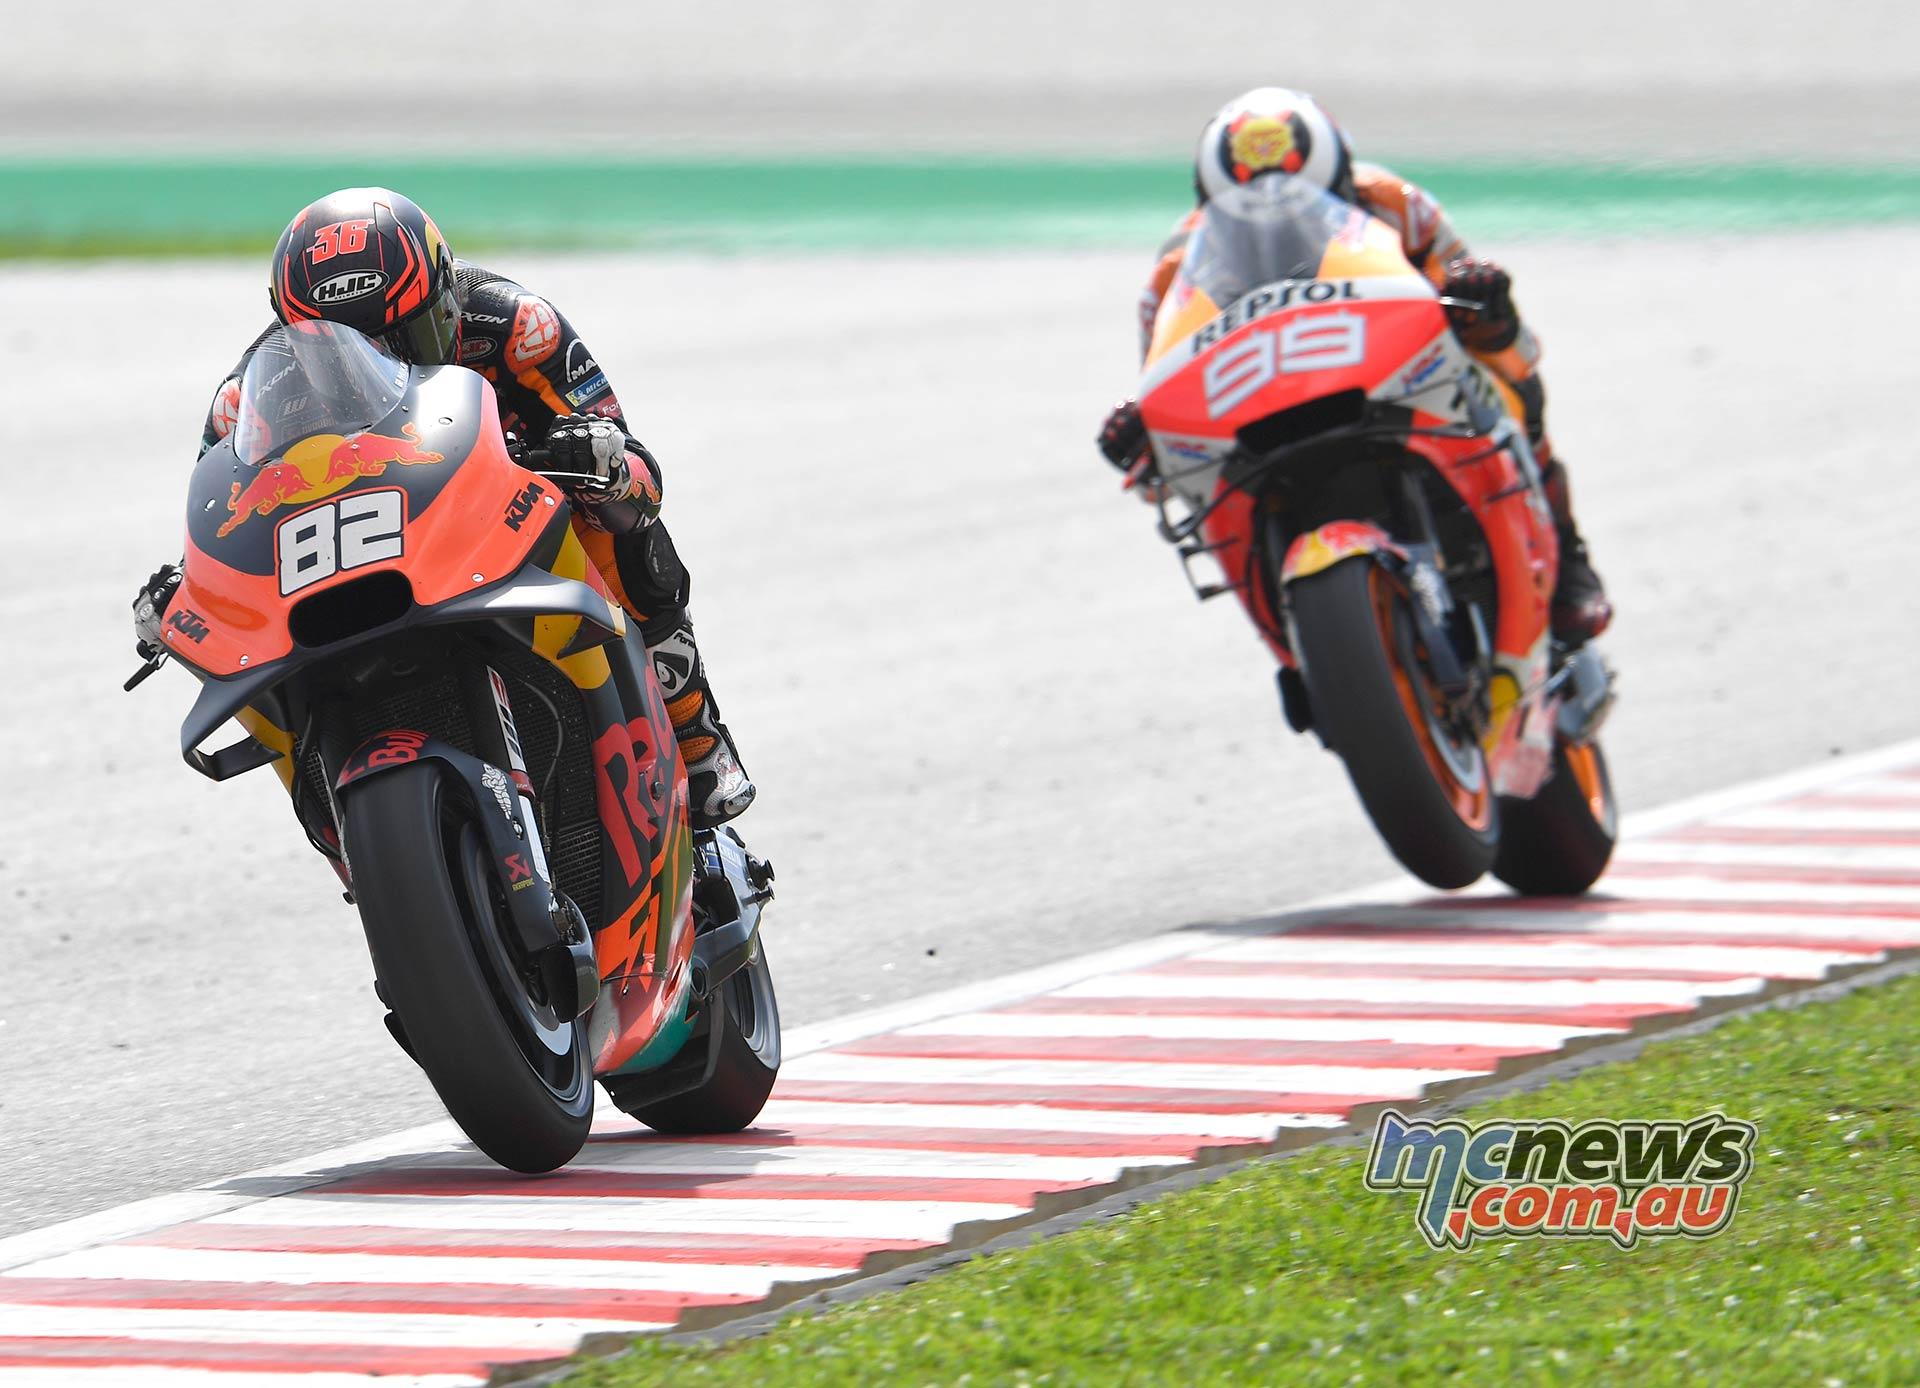 MotoGP Rnd Malaysia Kallio Lorenzo